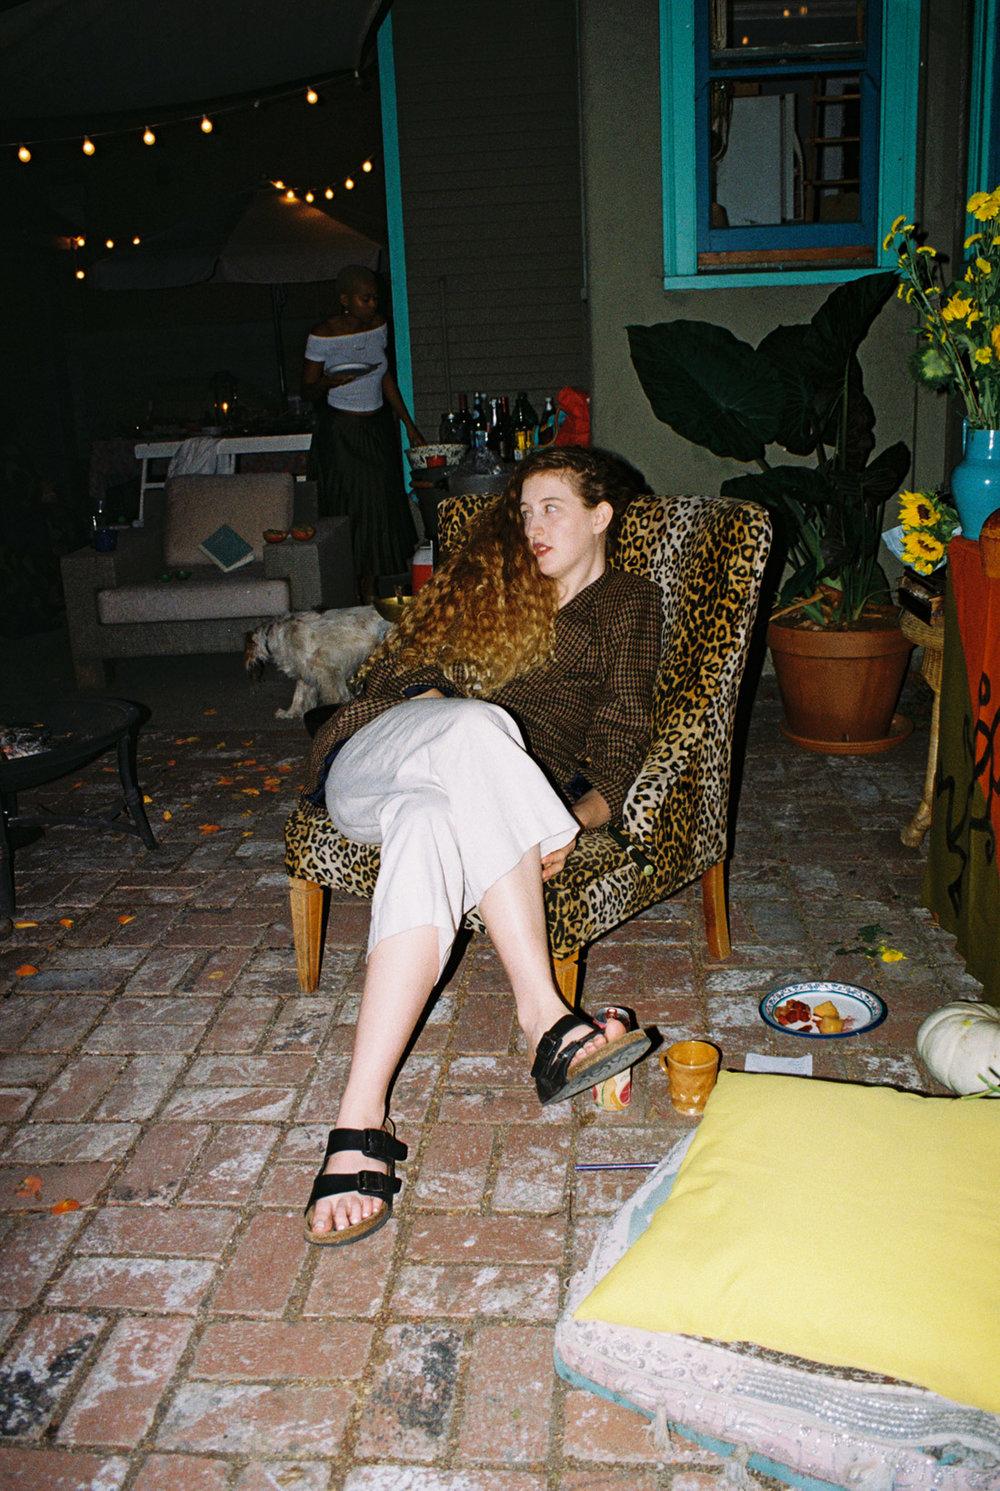 Sara on leopard seat